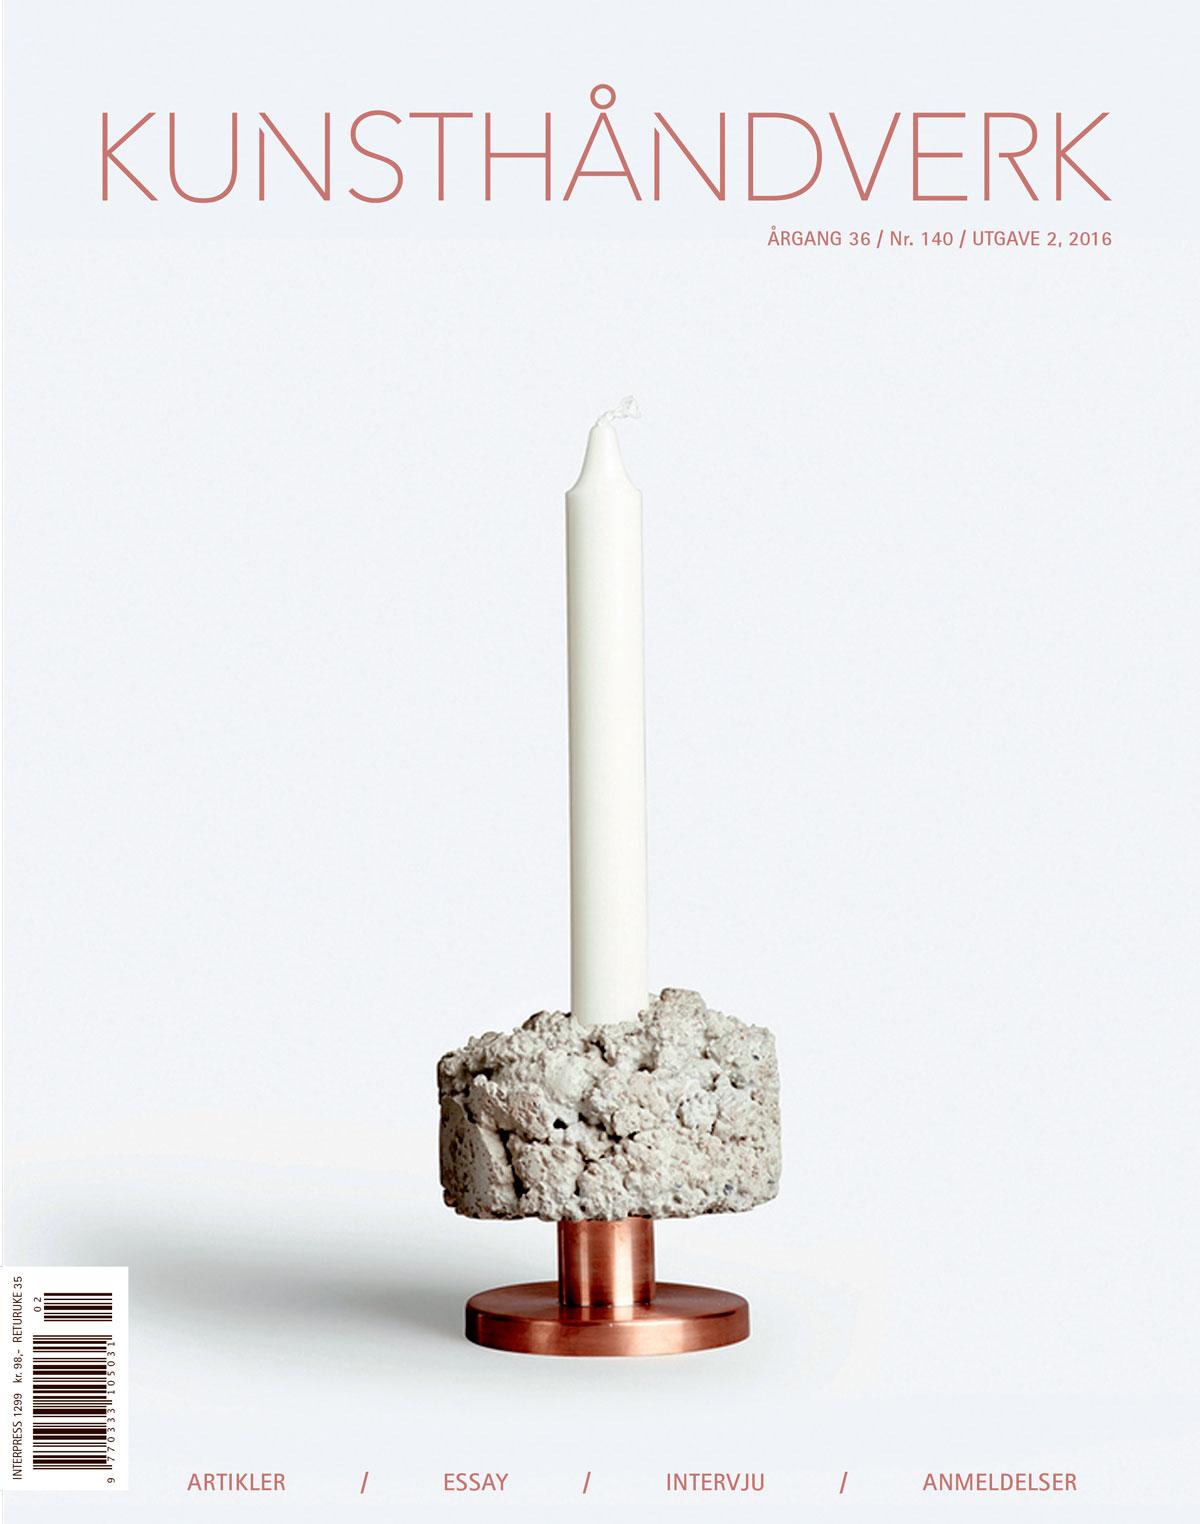 Gjesteredaktør for tidsskriftet Kunsthåndverk, utgave 2- 2016